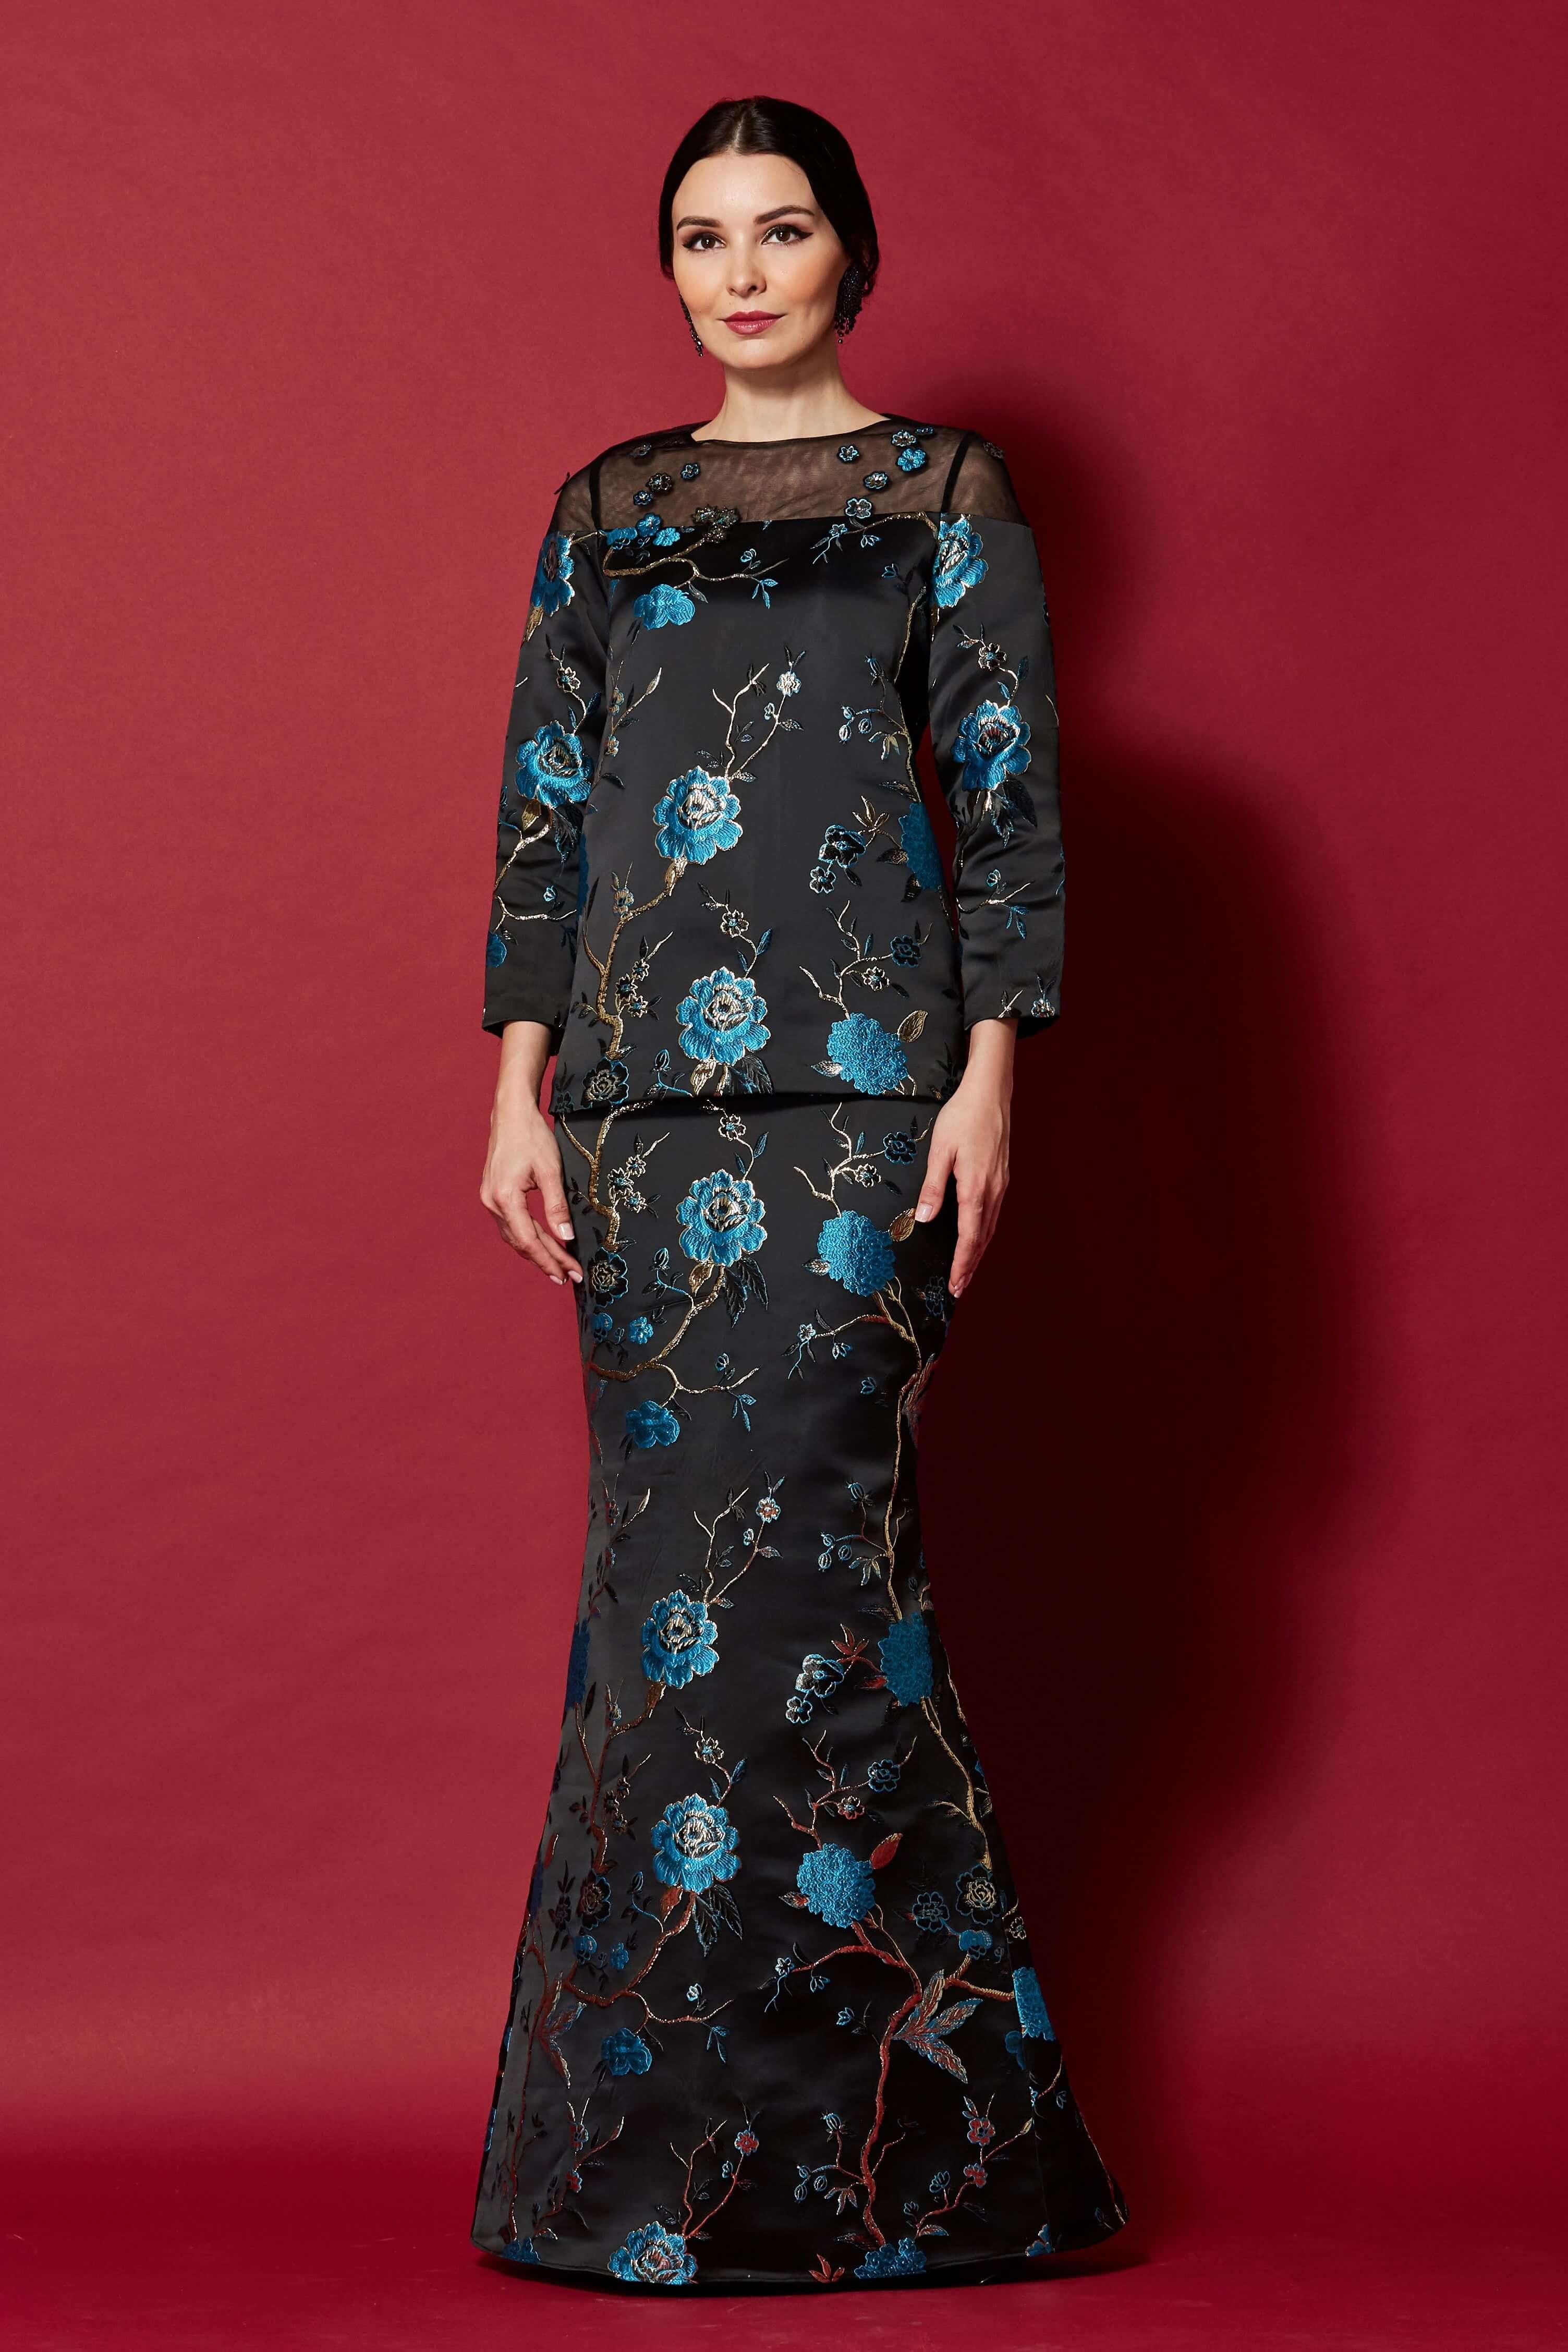 Black-Blue Floral Round Neck With See Through Neckline (3)